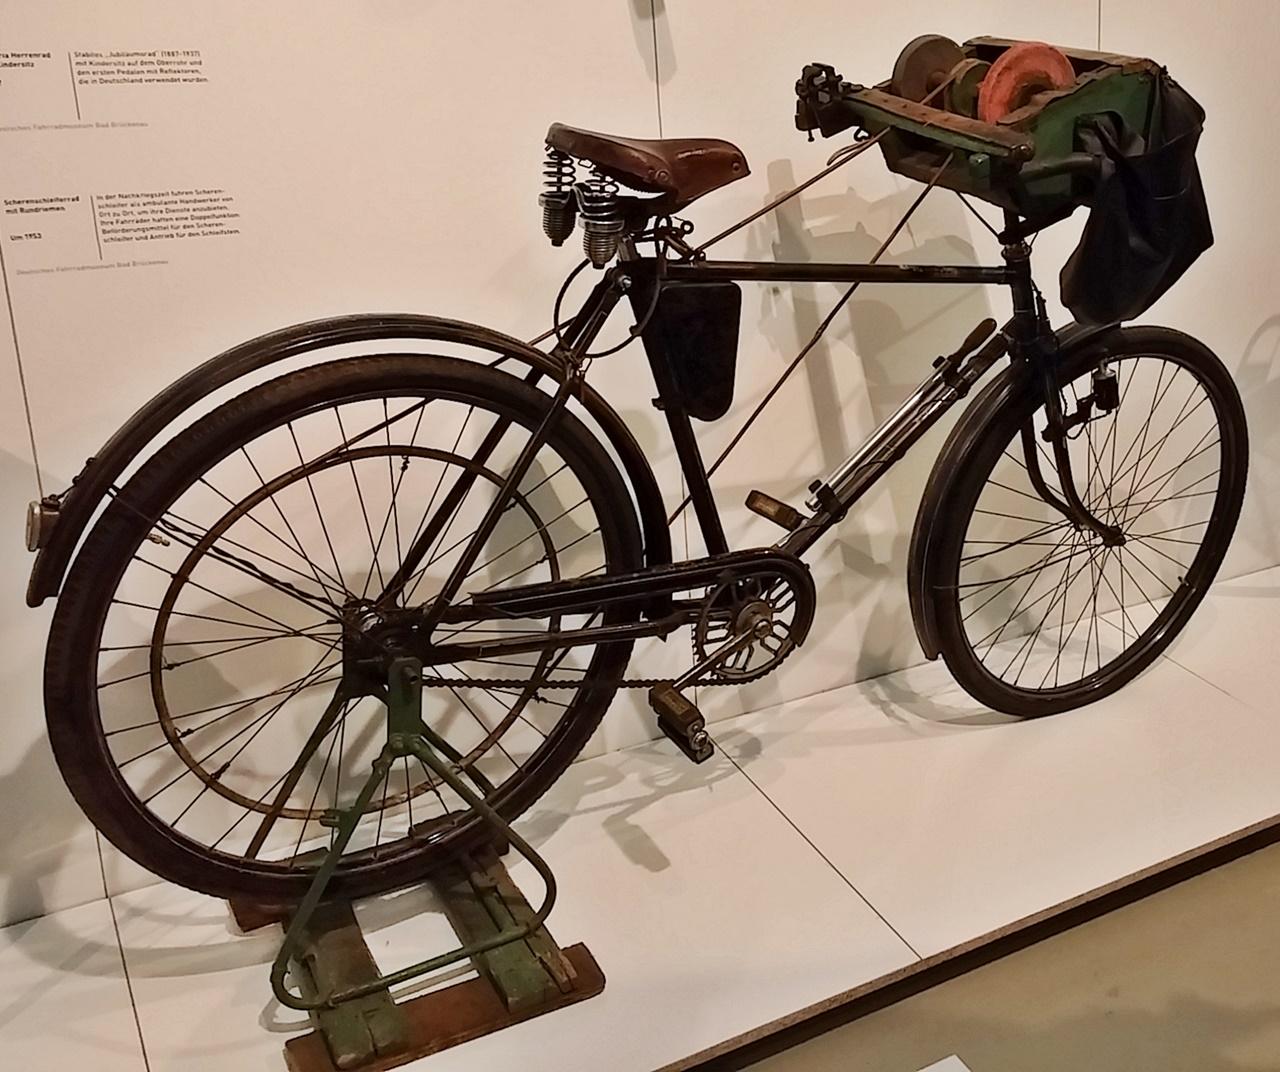 Schleifstein wird mit dem Hinterrad angetrieben